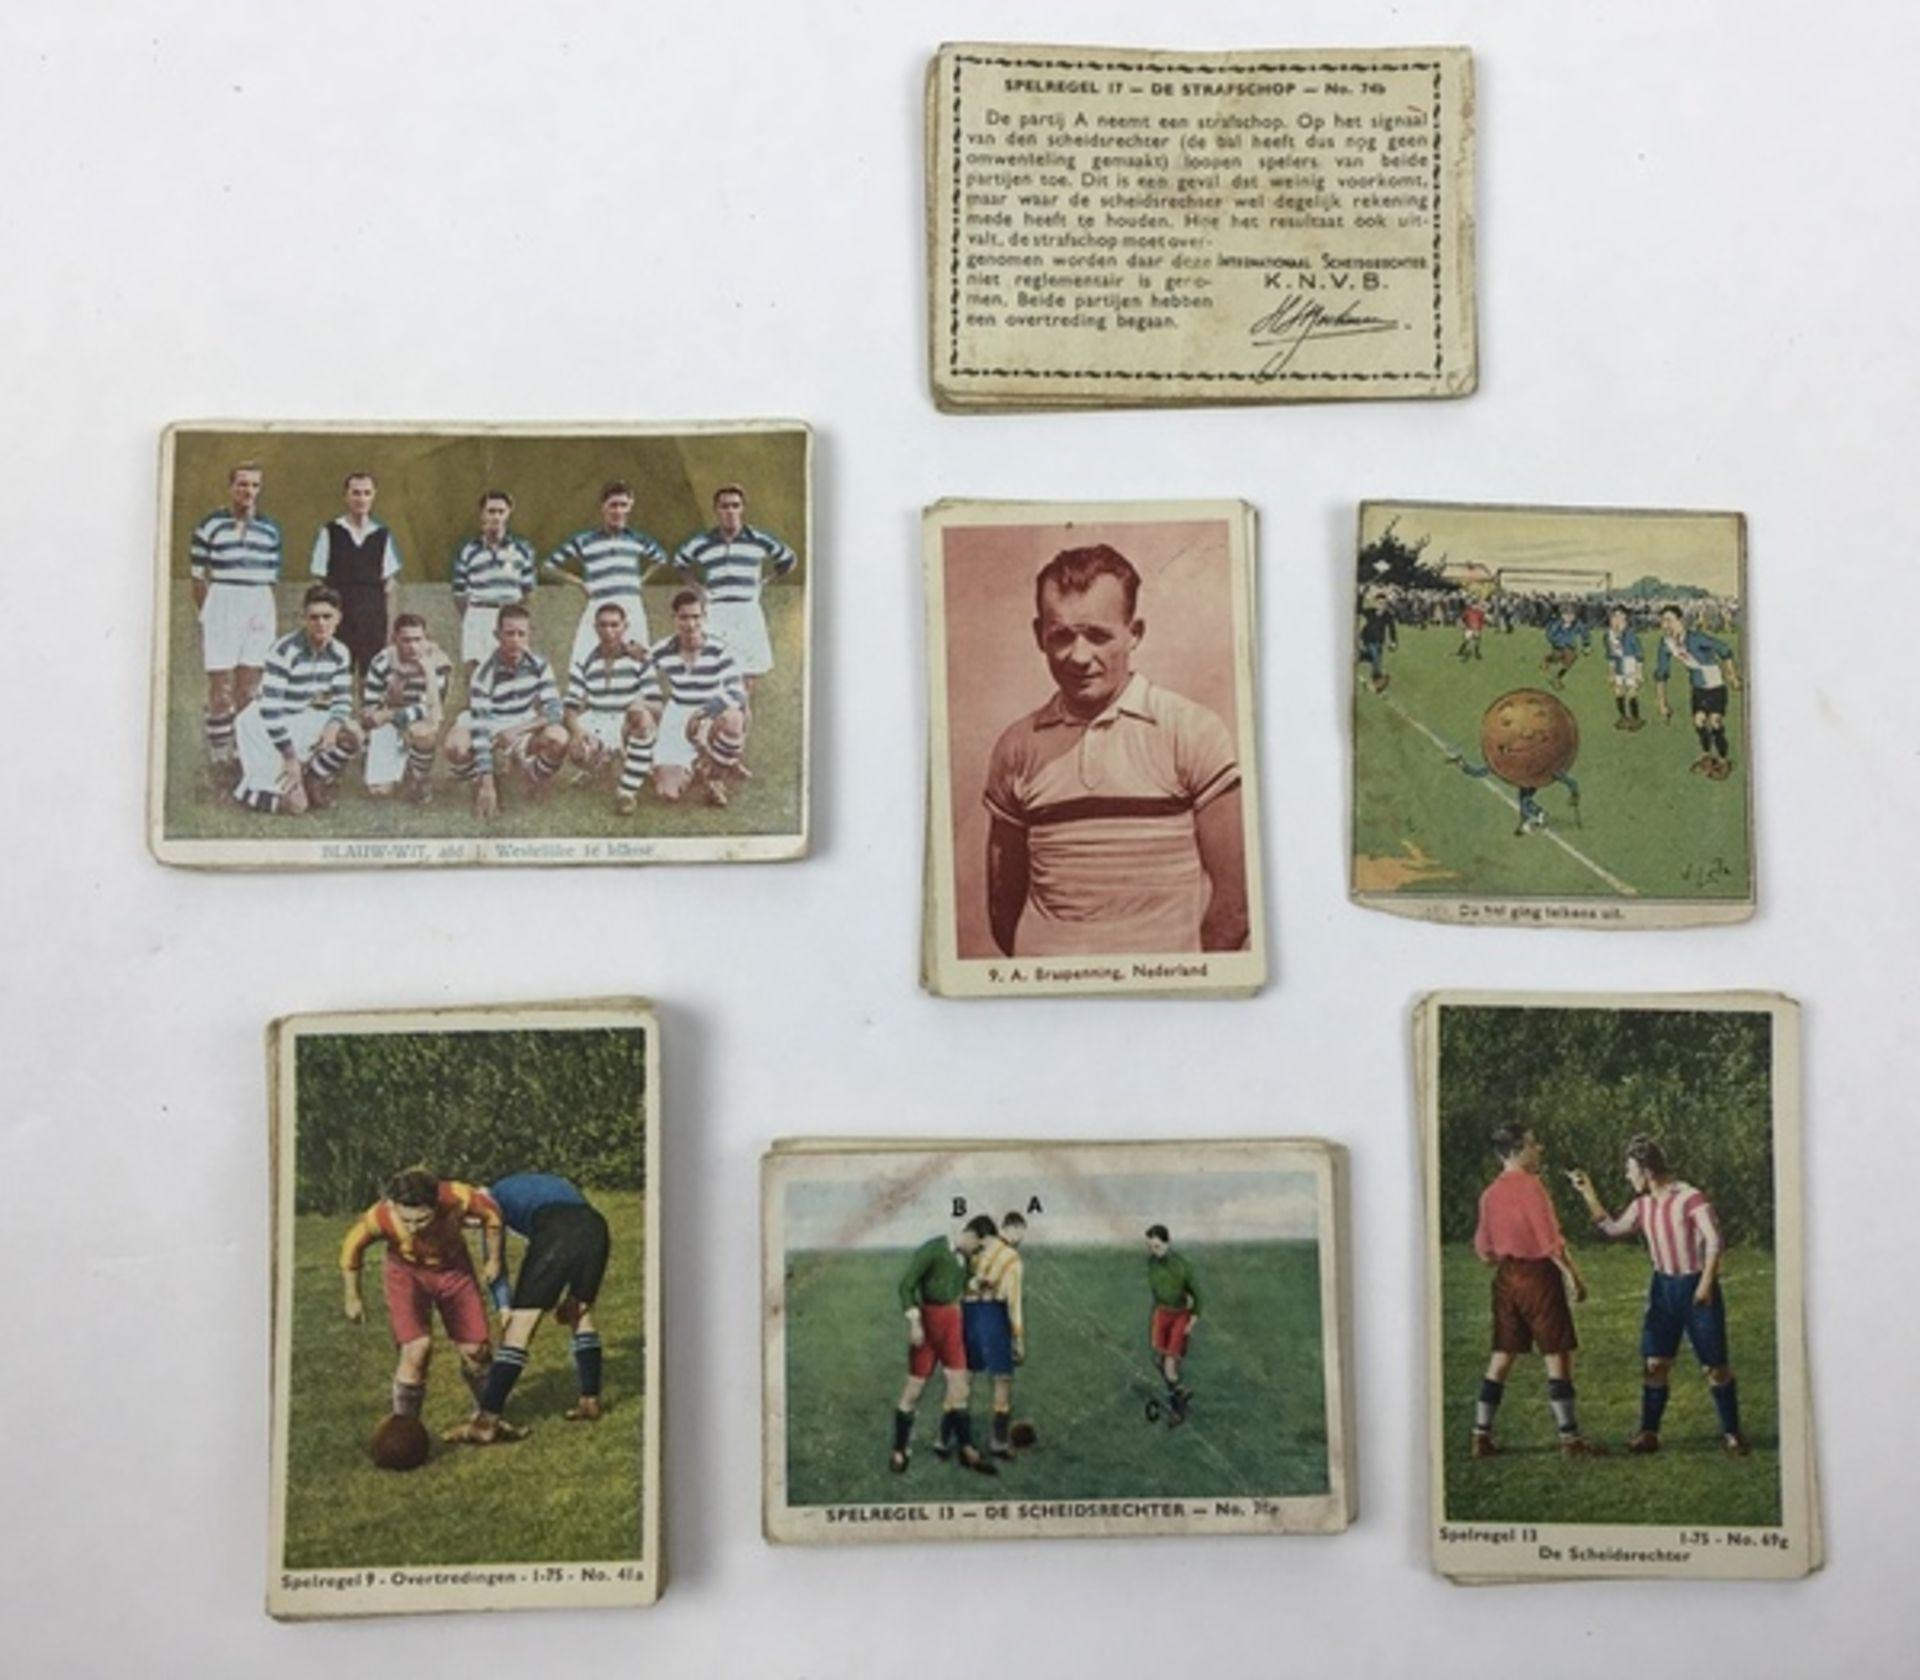 (Curiosa) SportplaatjesDiverse sportplaatjes, voornamelijk voetbal. Conditie: Gebruikssporen. A - Image 6 of 8